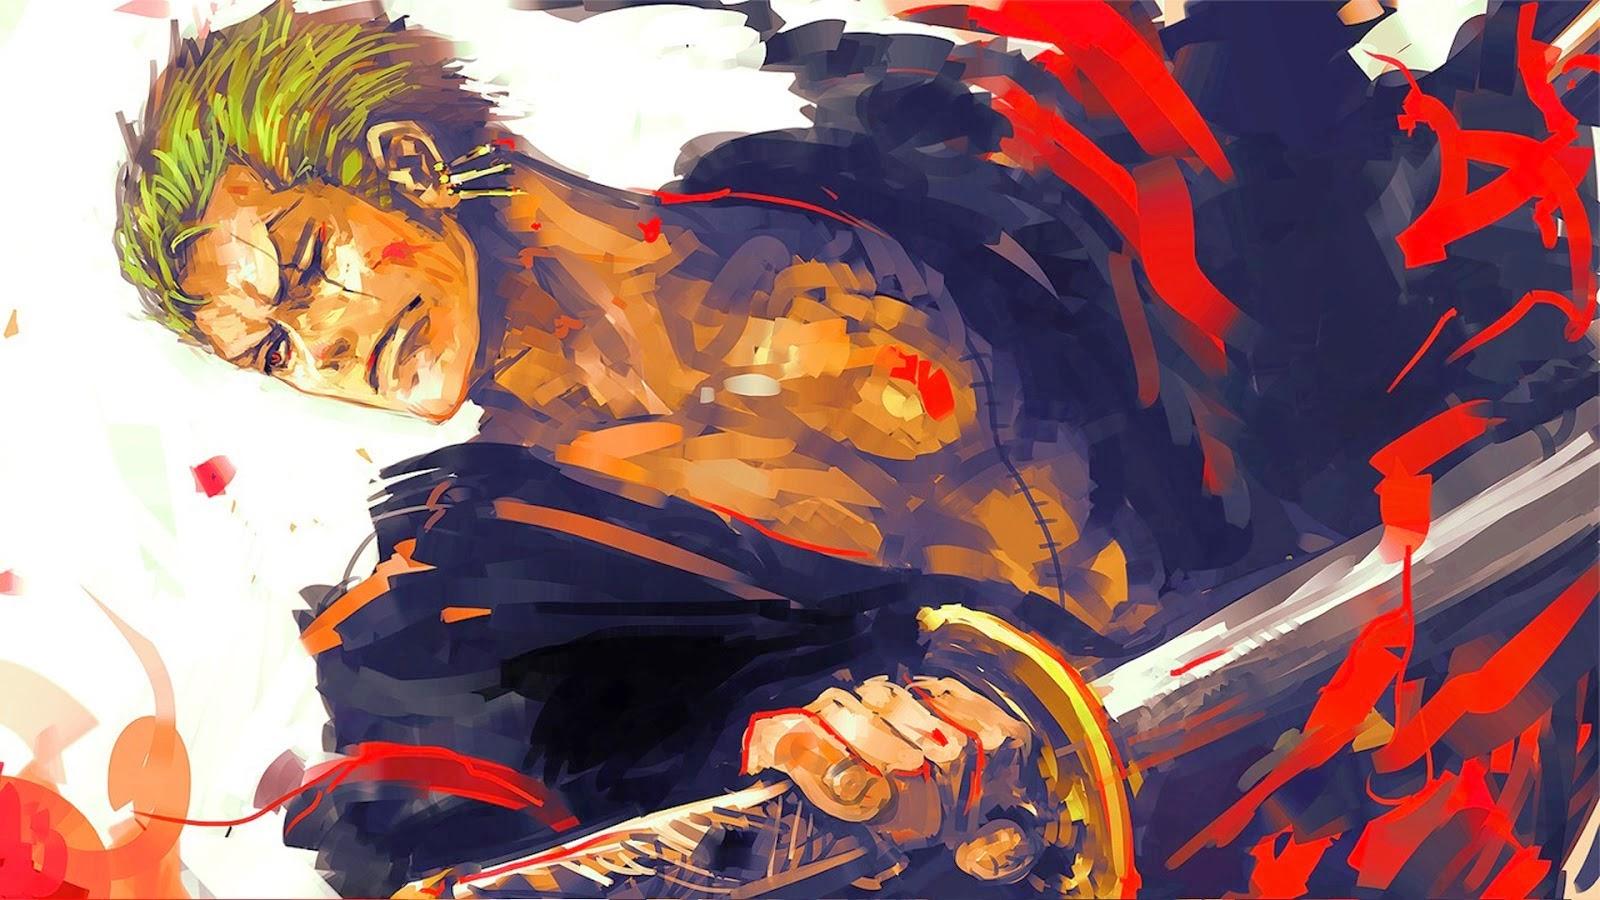 roronoa zoro one pice hd wallpaper for desktop